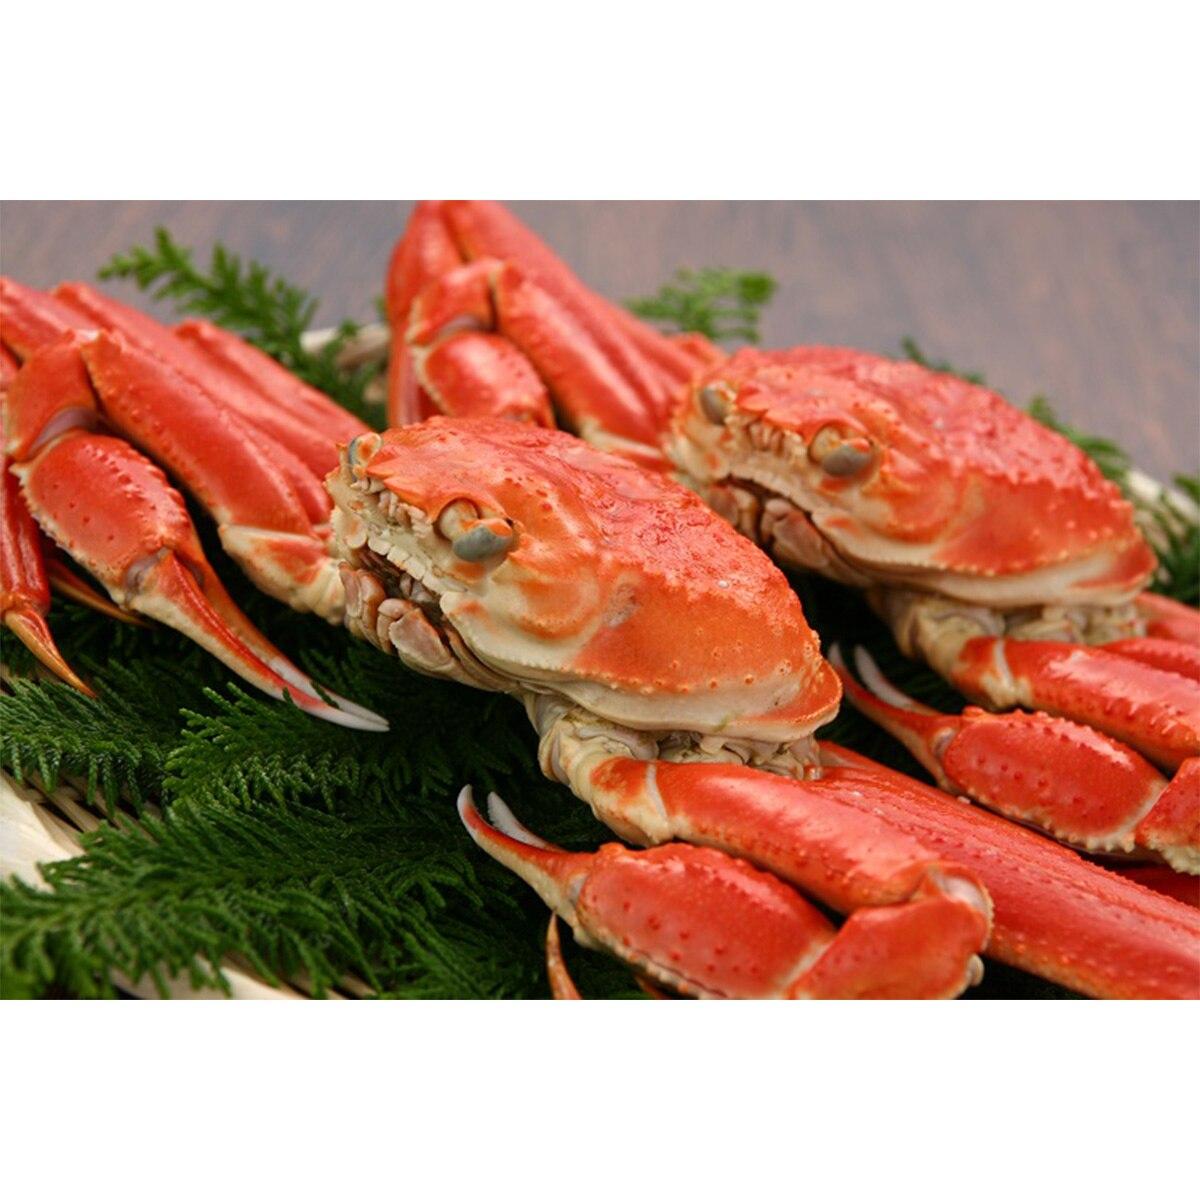 【送料無料】株式会社キングマカデミアンJAPAN ずわい蟹(2杯)